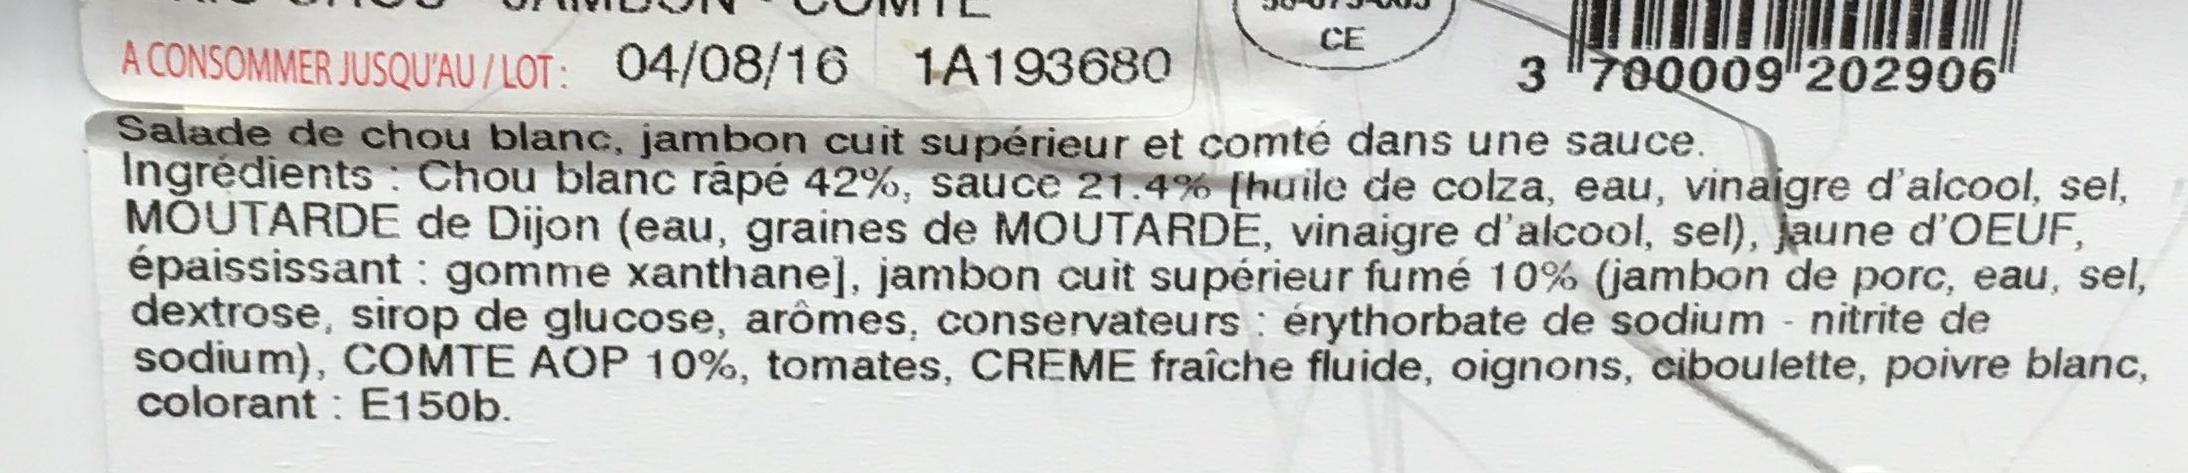 Trio Chou - Jambon - Comté - Ingrédients